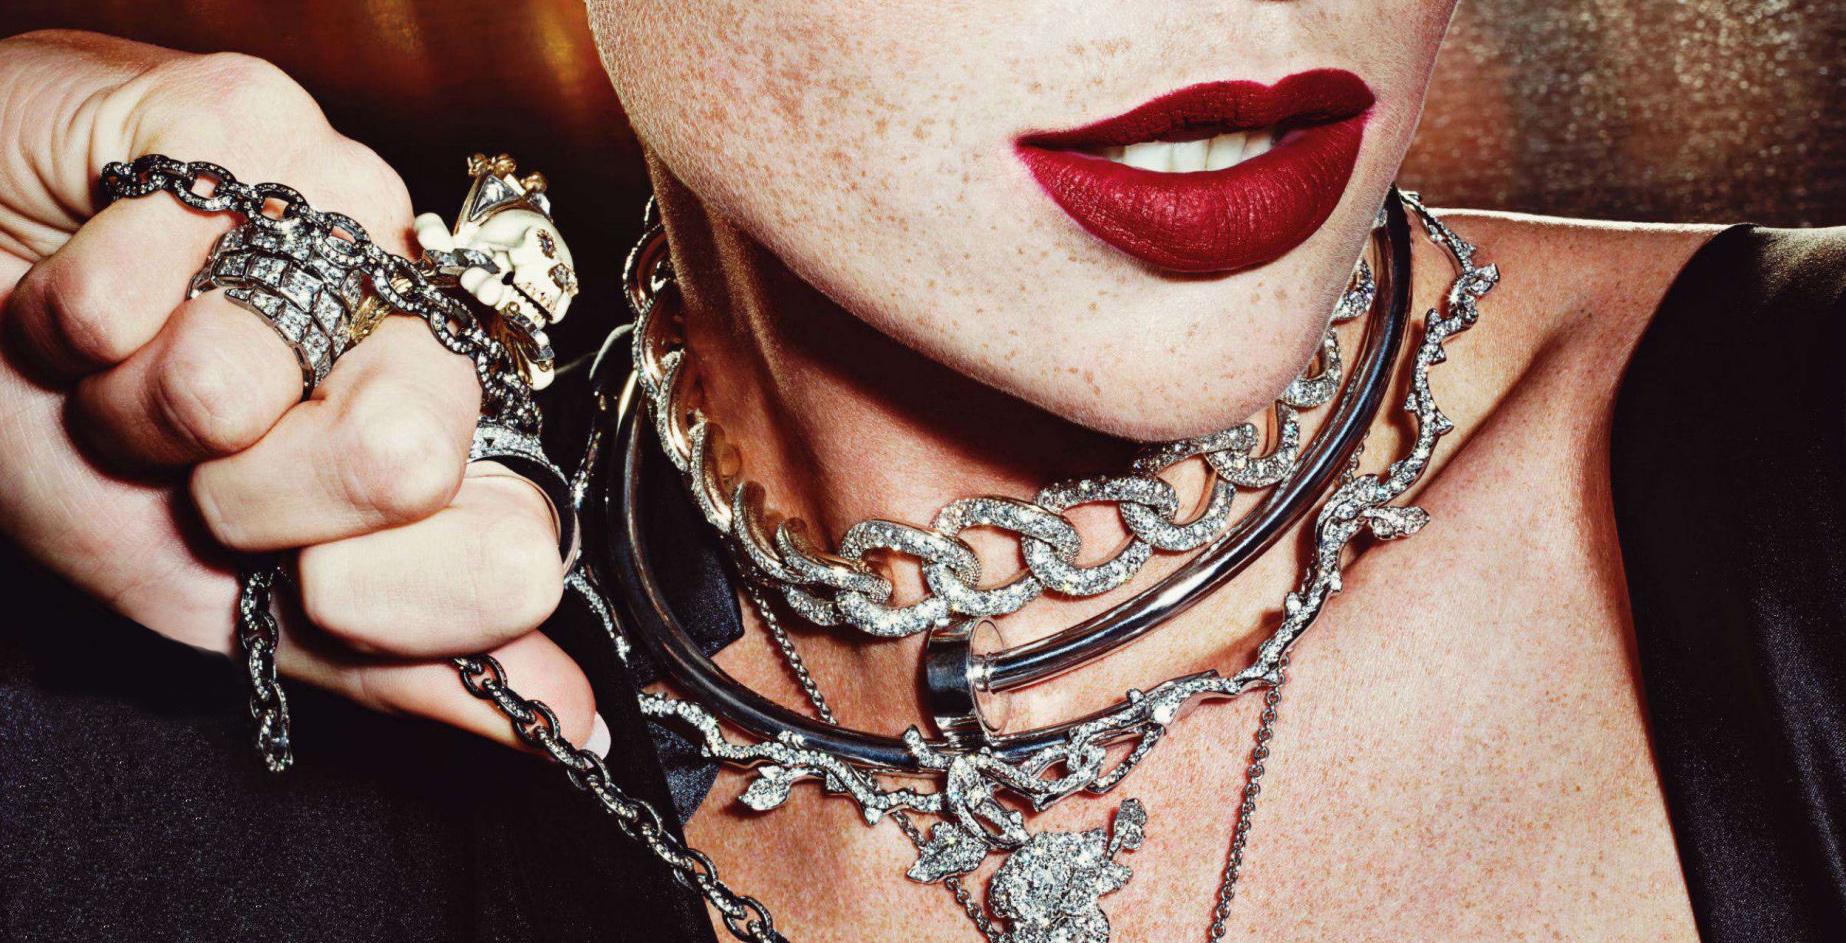 珠宝,一种特别微小但极具杀伤力的武器。哪怕是一颗小小的钻石或者珍珠,都能让整个人闪耀起来,不分年龄与容貌。